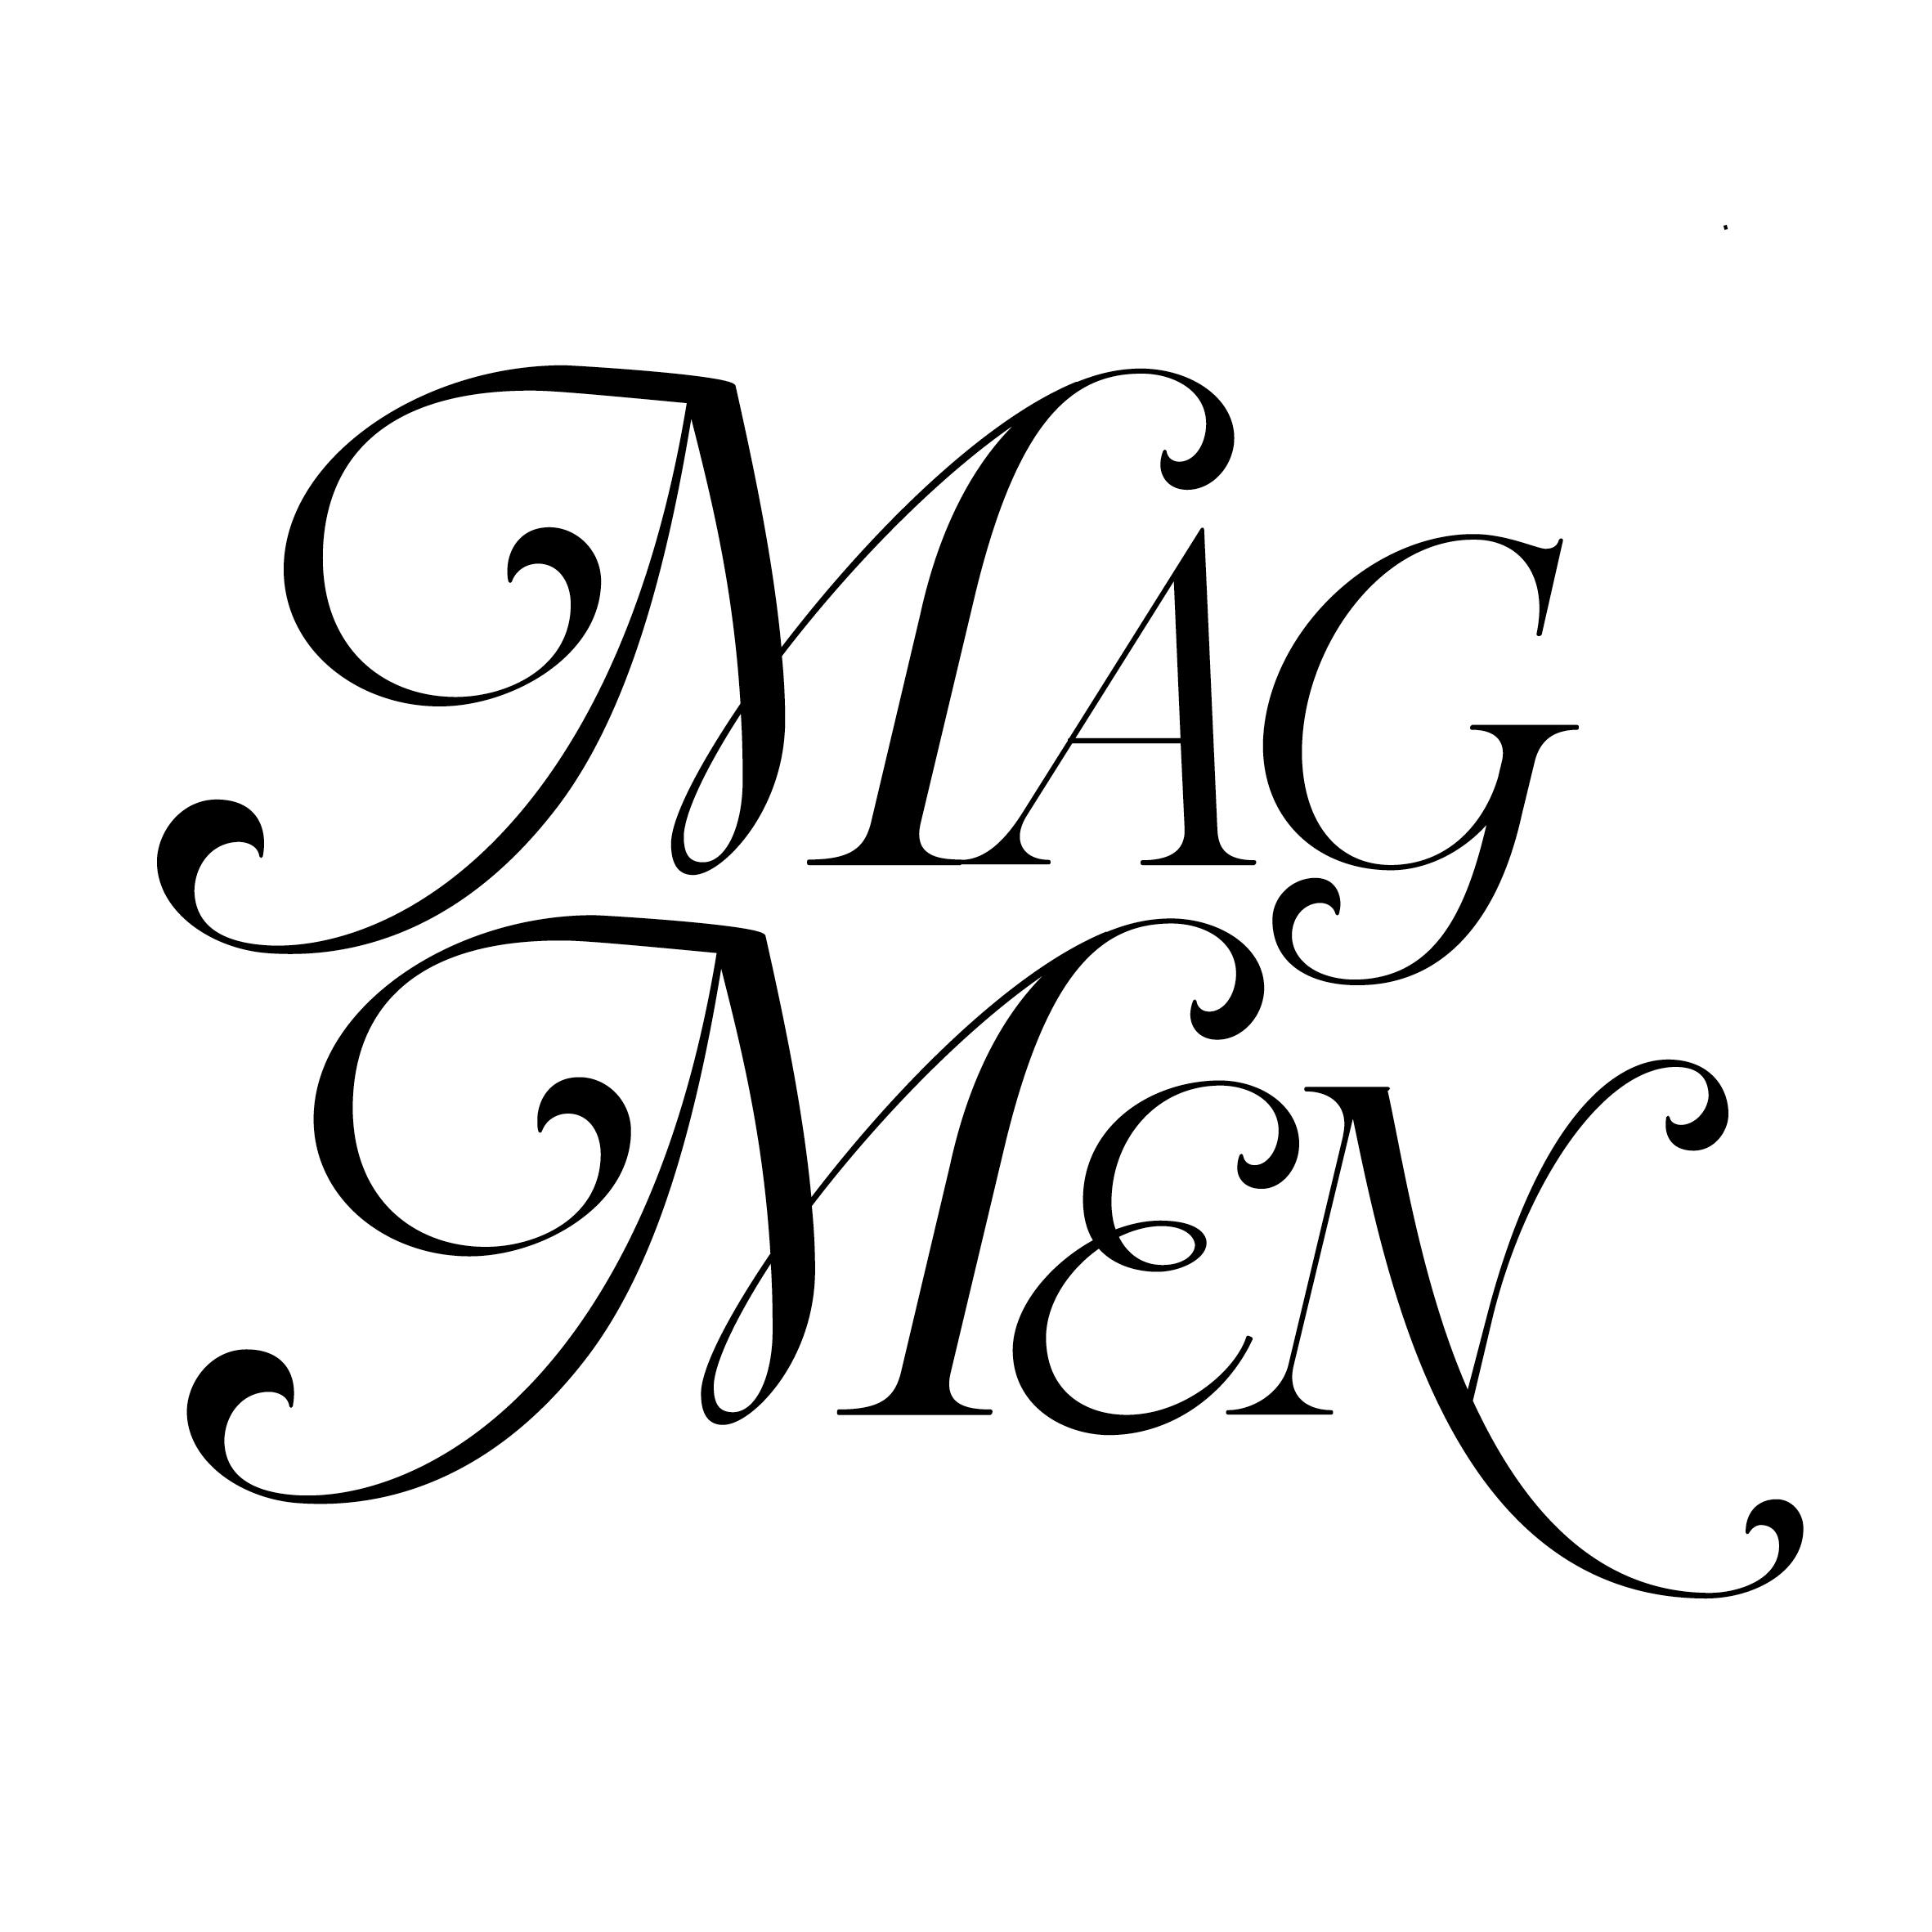 logo new york magmen2.jpg